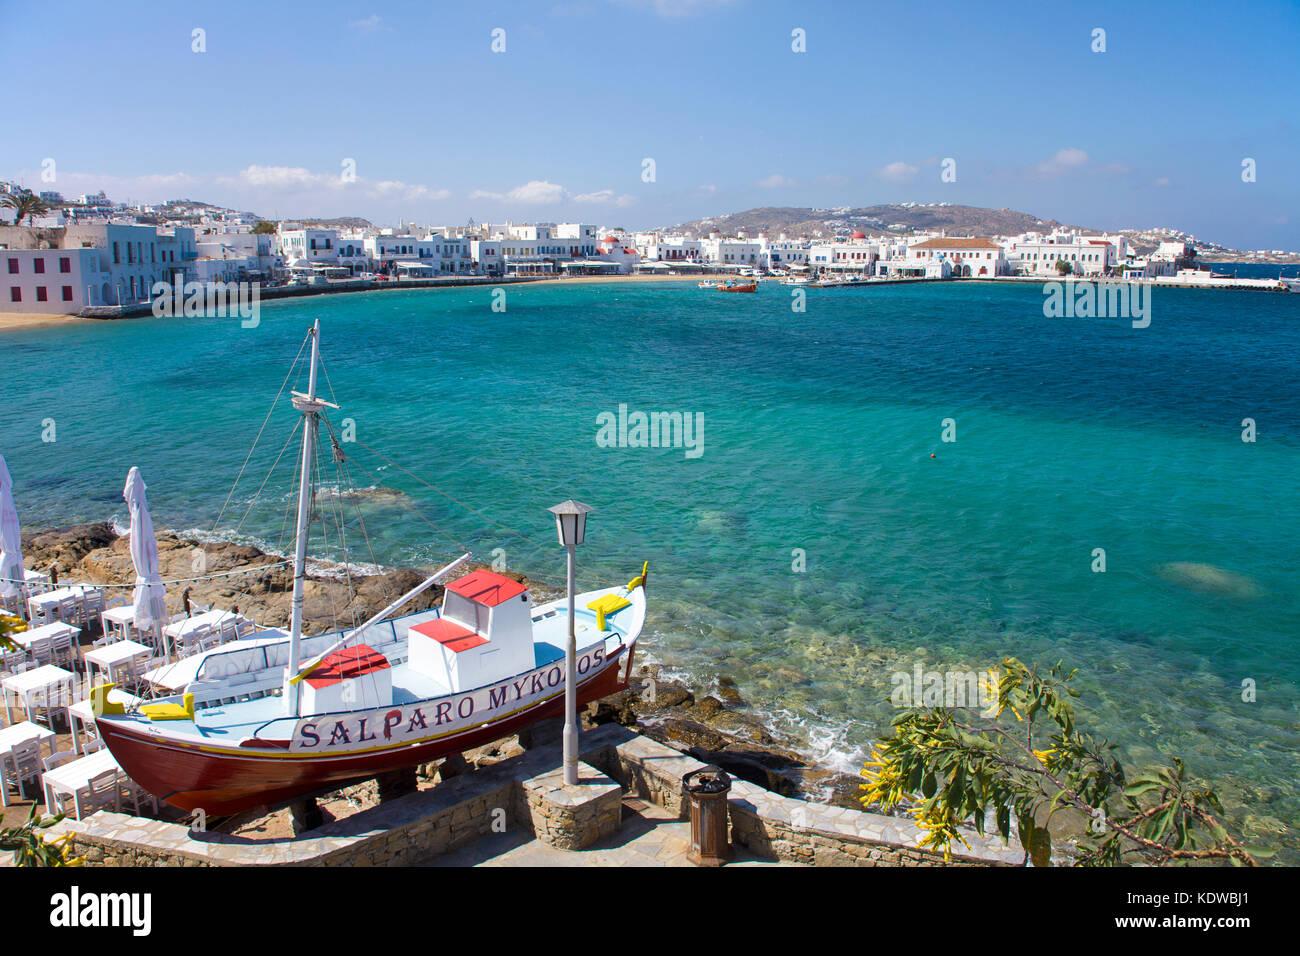 Griechische Taverne am Meer, Fischerboot als Dekoration und Werbetraeger, Mykonos-Stadt, Mykonos, Kykladen, Aegaeis, - Stock Image